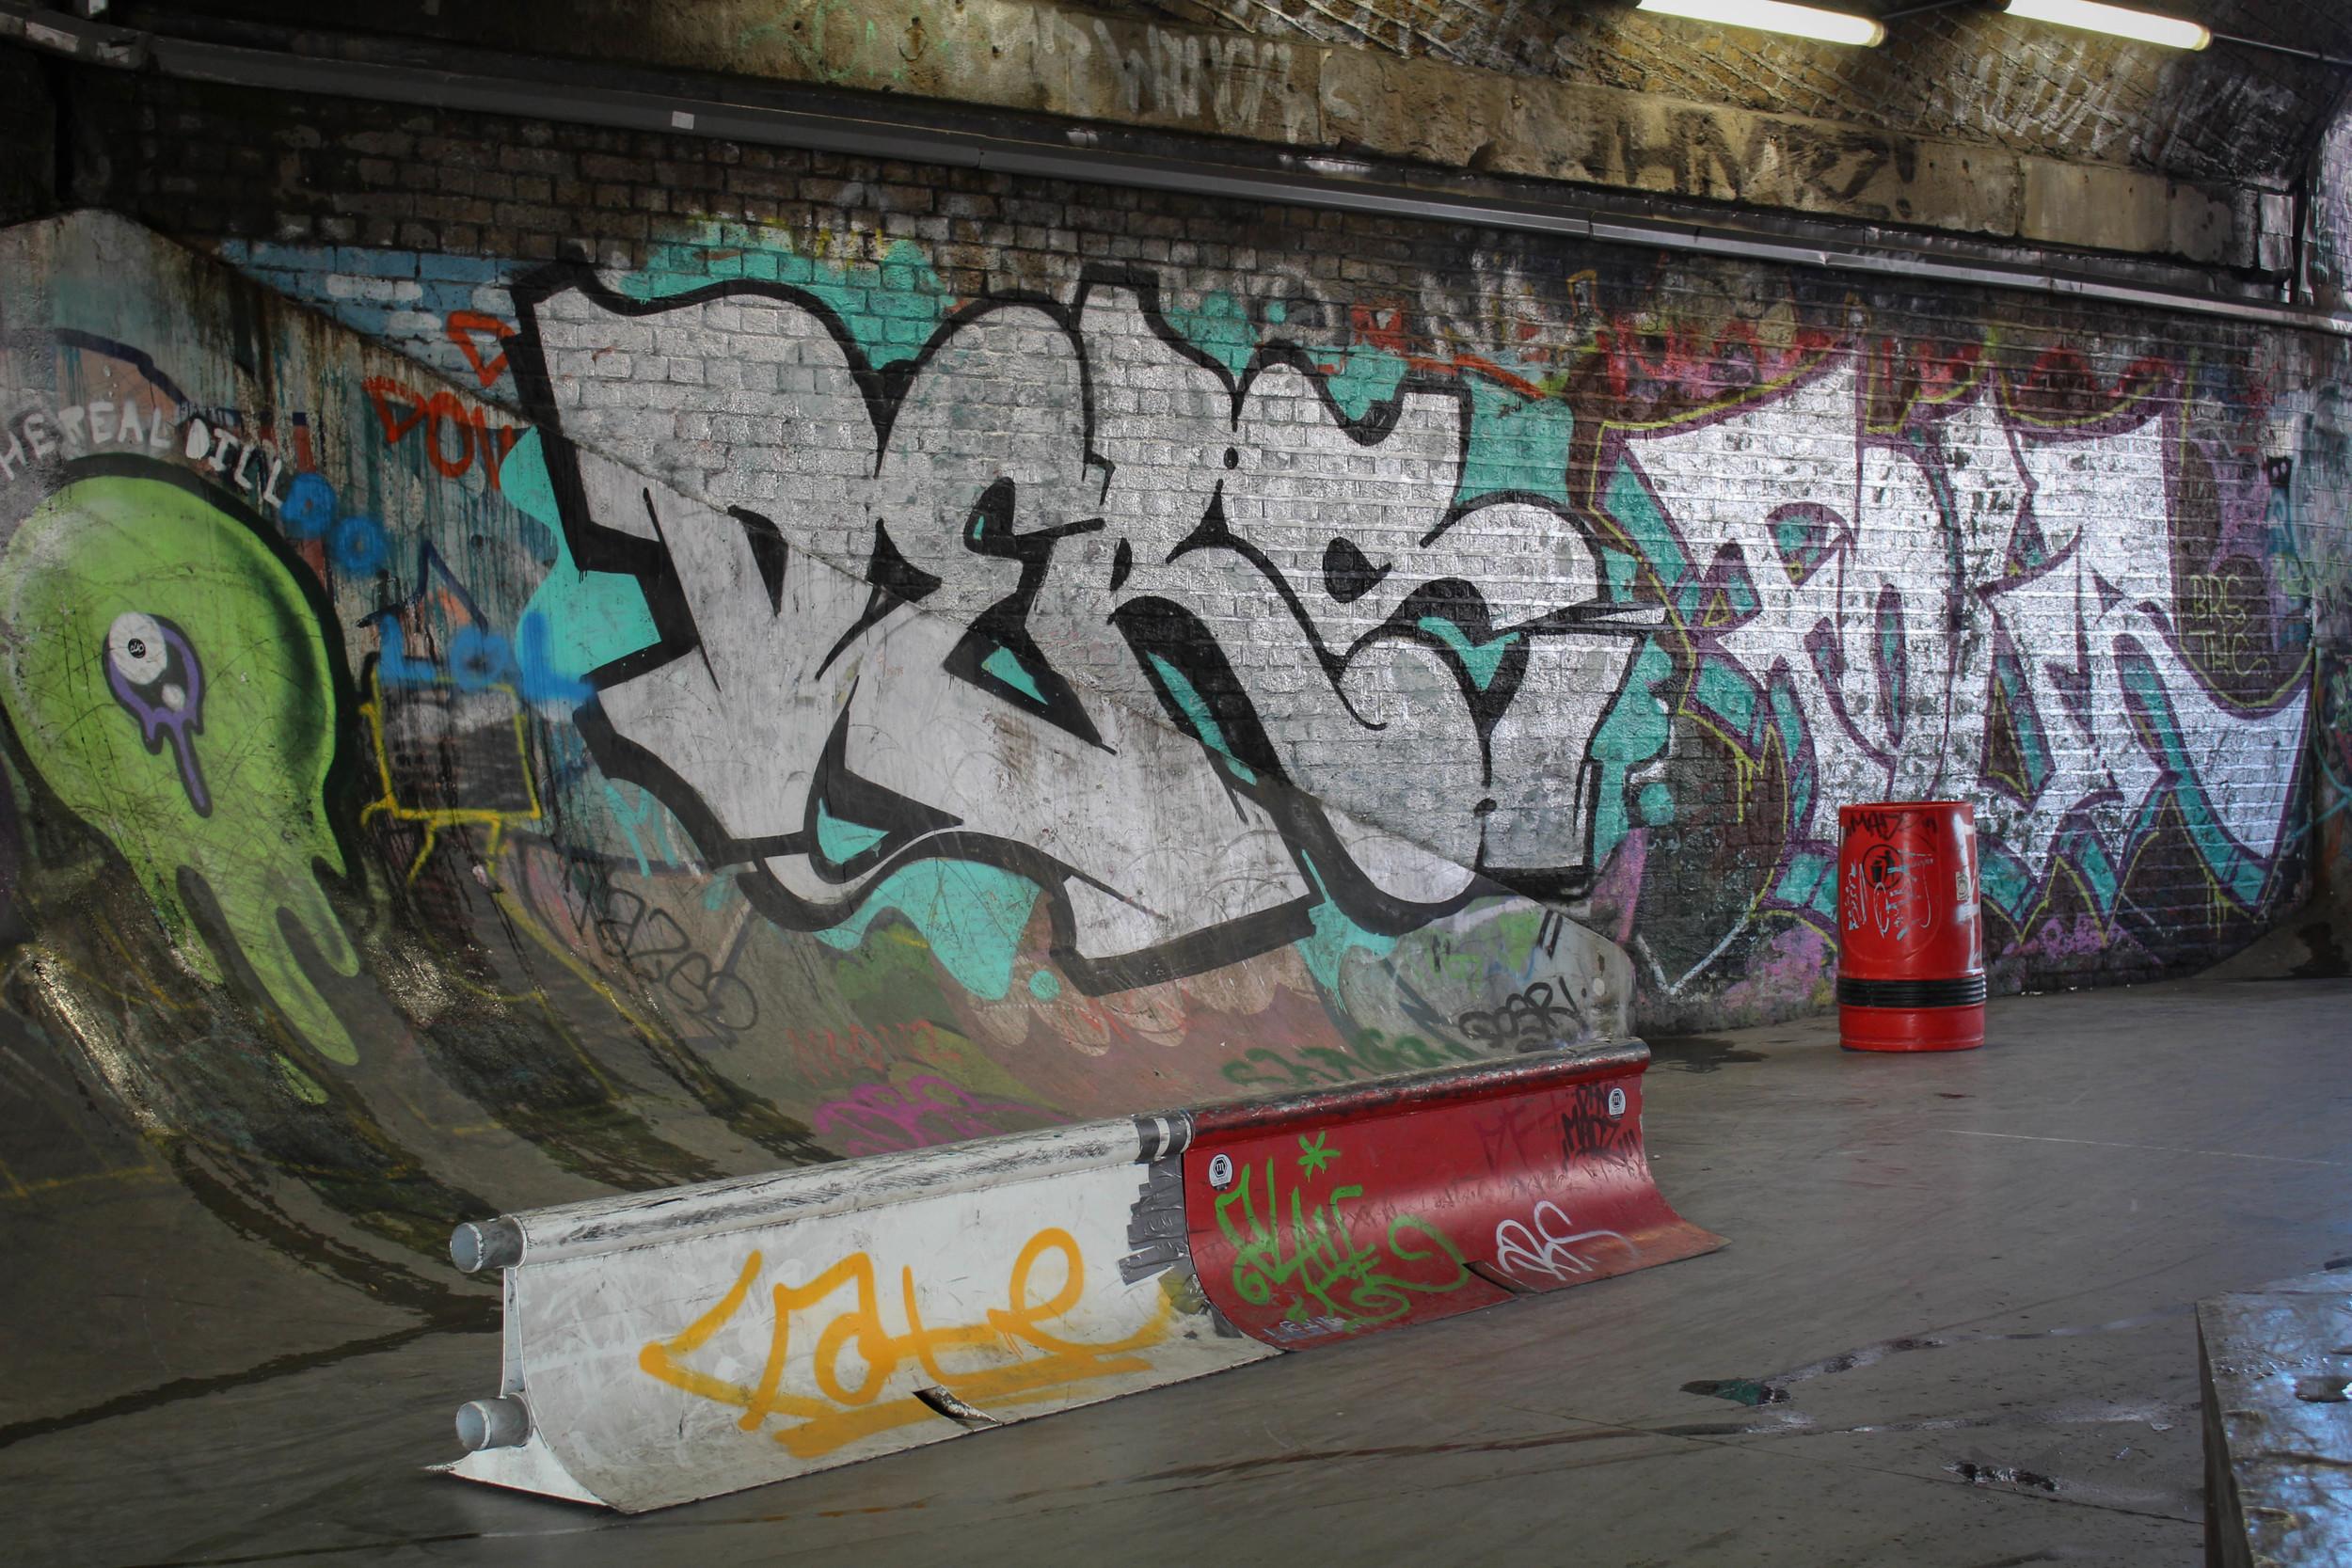 whitesground-skatepark-6.jpg